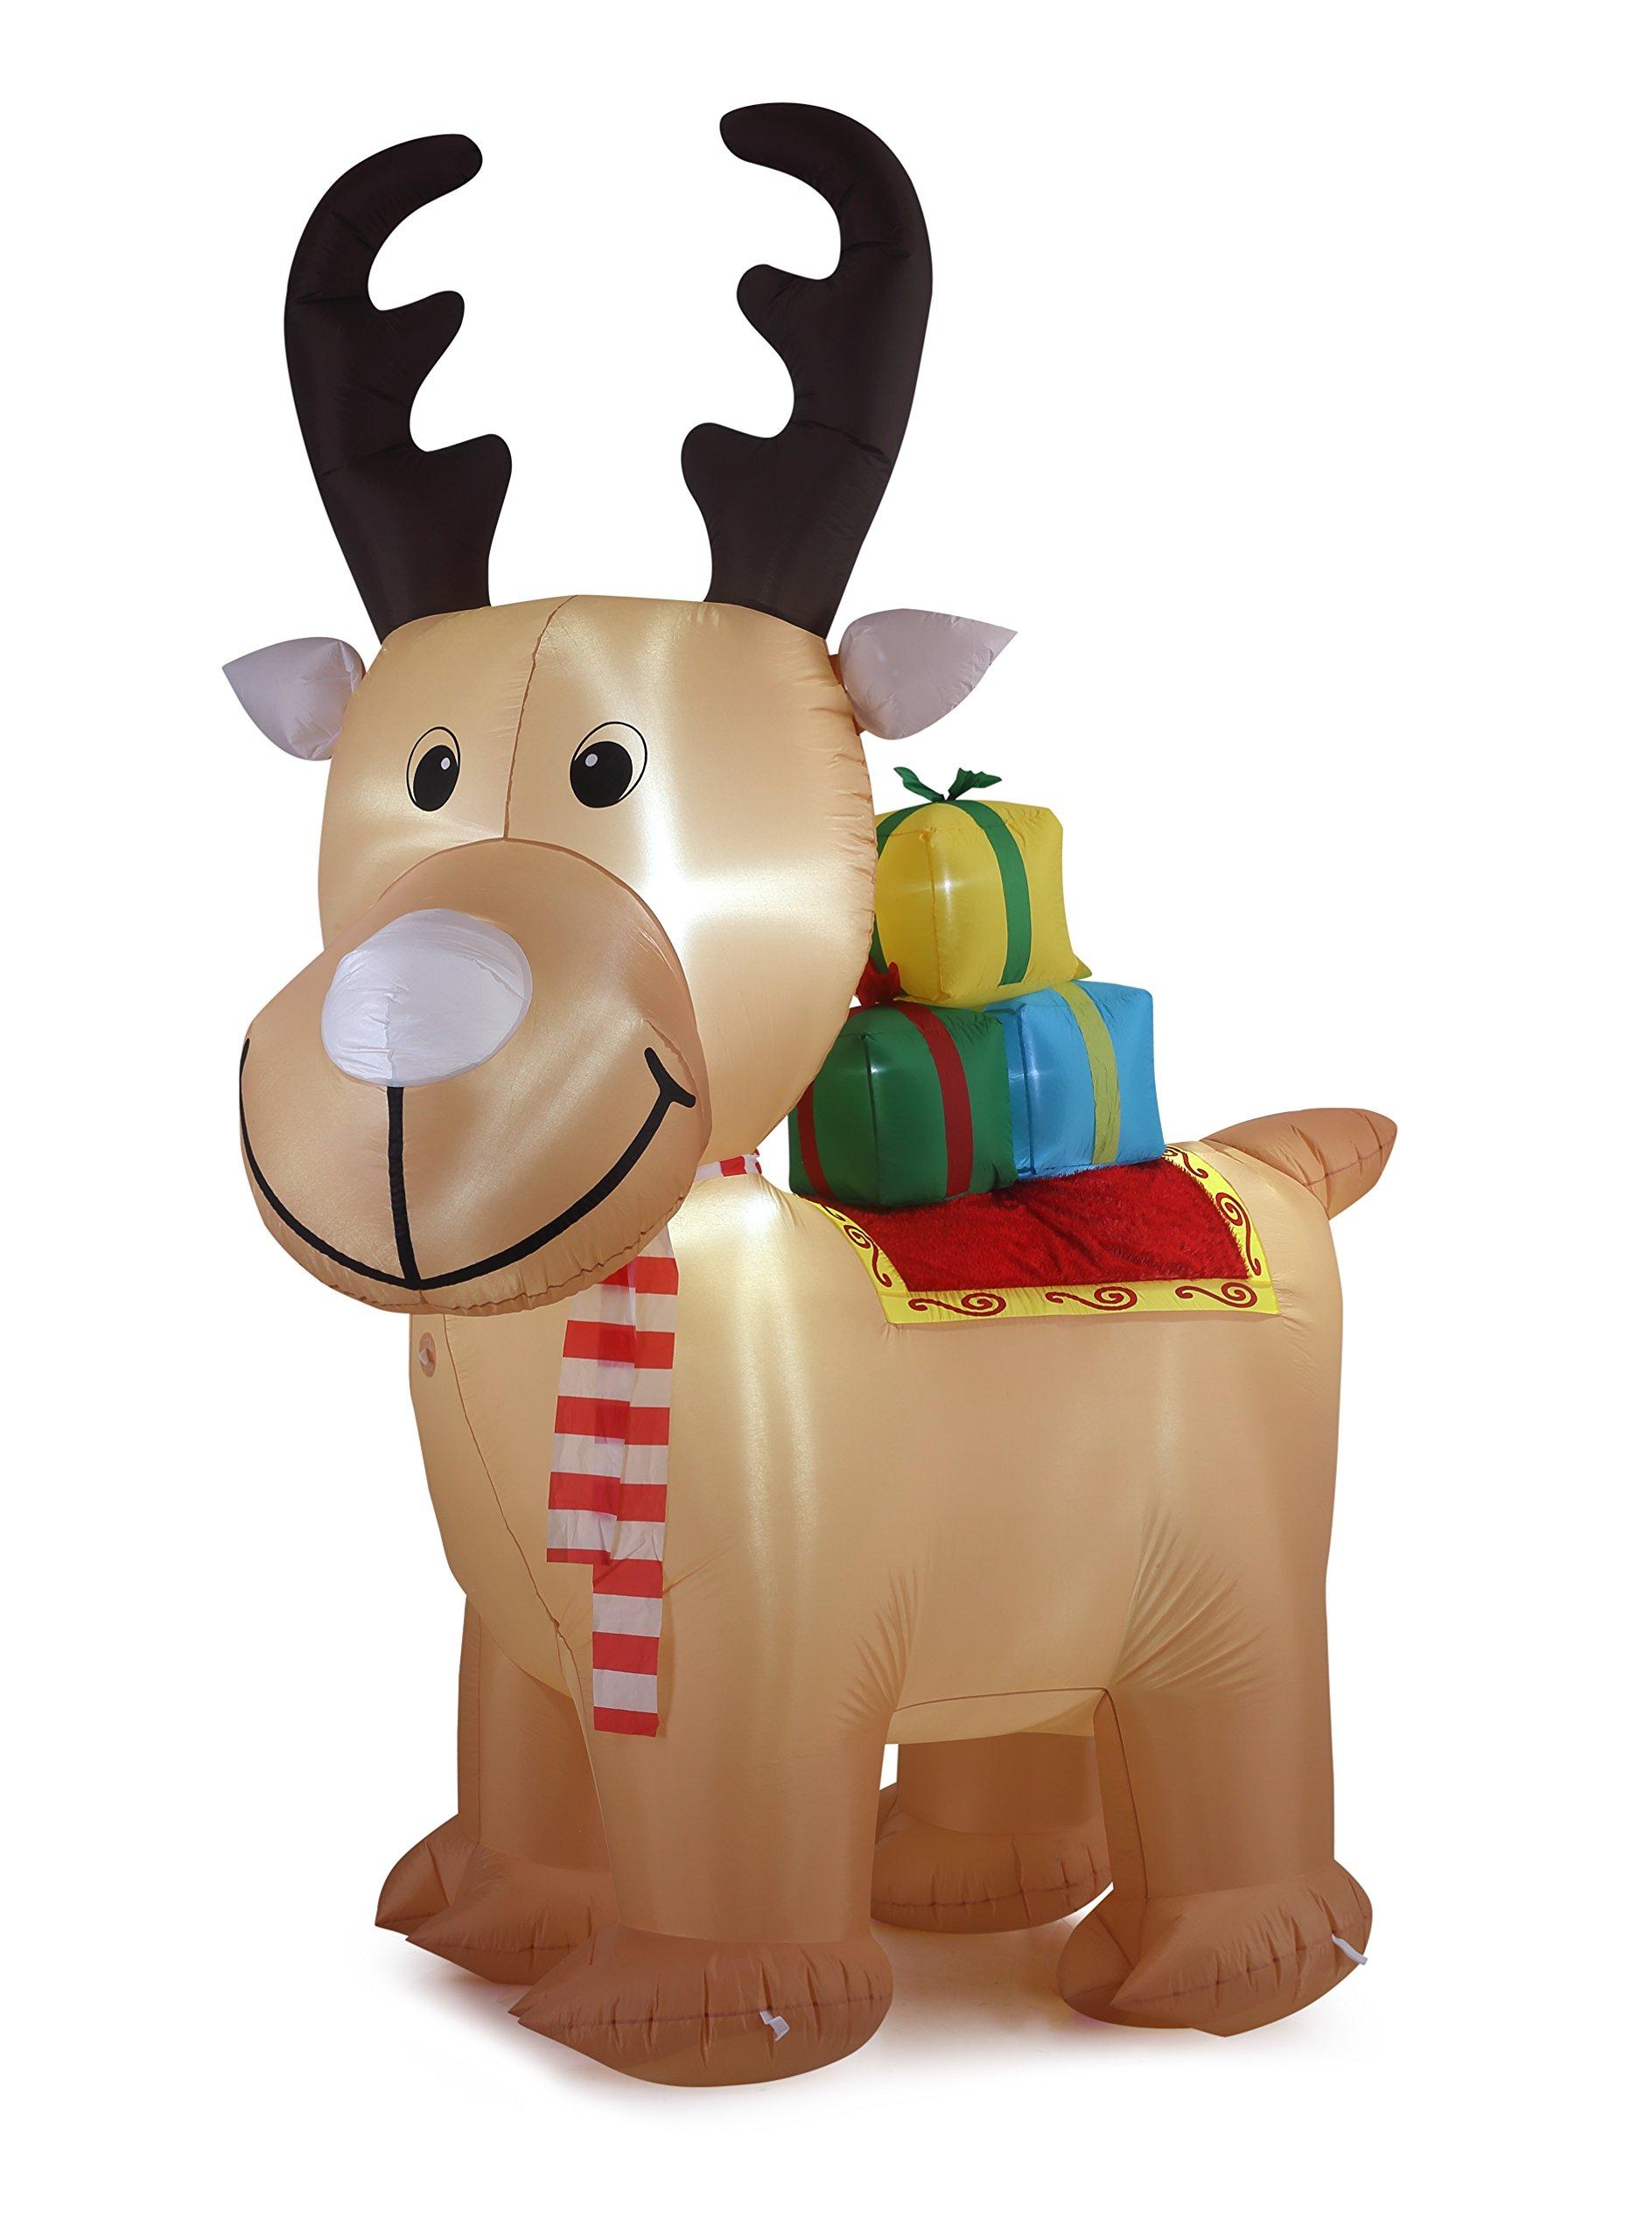 10FT Inflatable Happy Reindeer